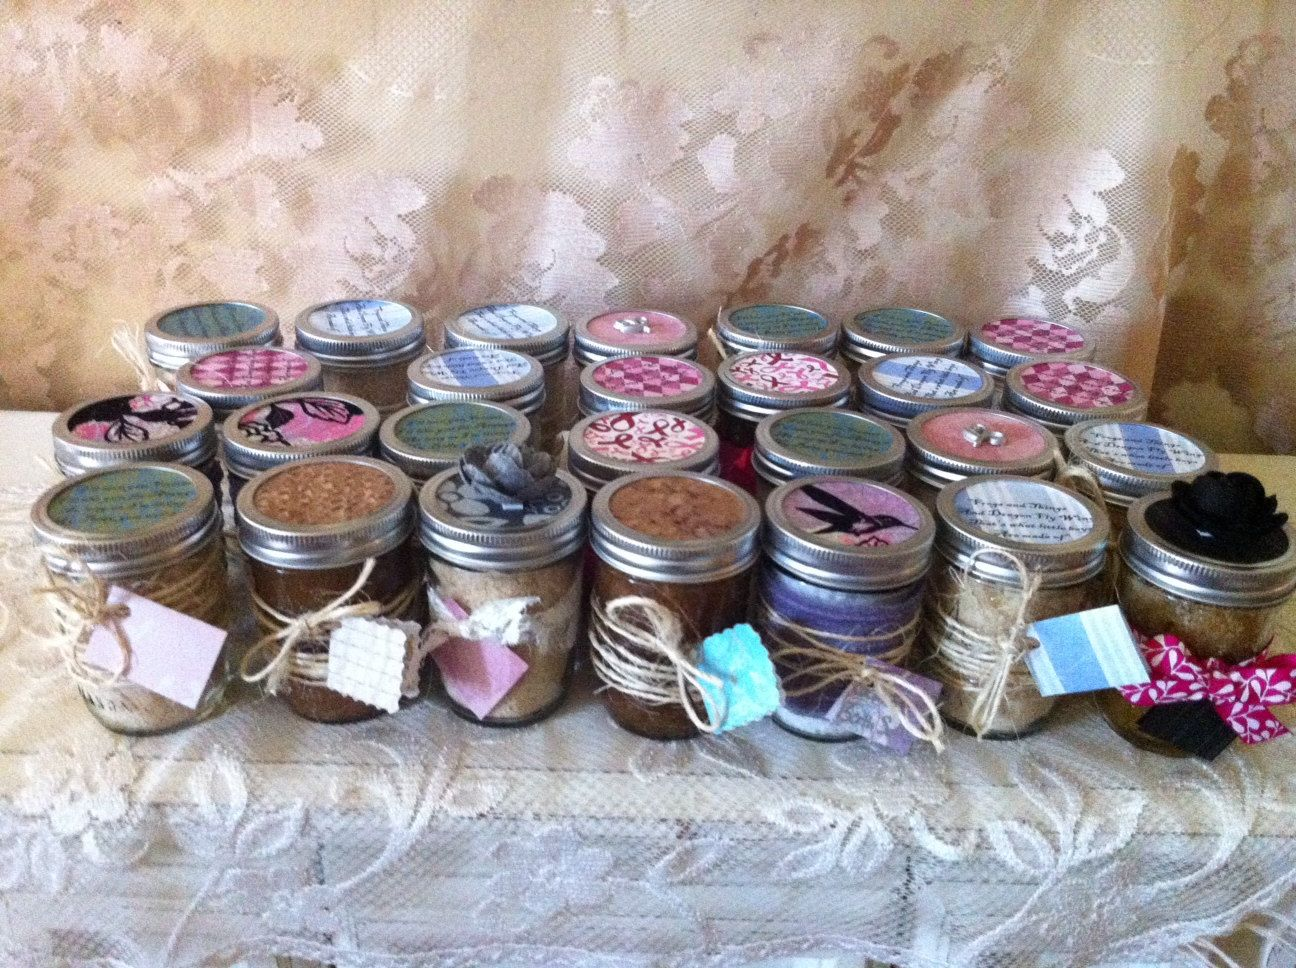 RUSTIC WEDDING SHOWER Favors 50 Organic Sugar Body Scrubs In 8 Oz Glass Mason